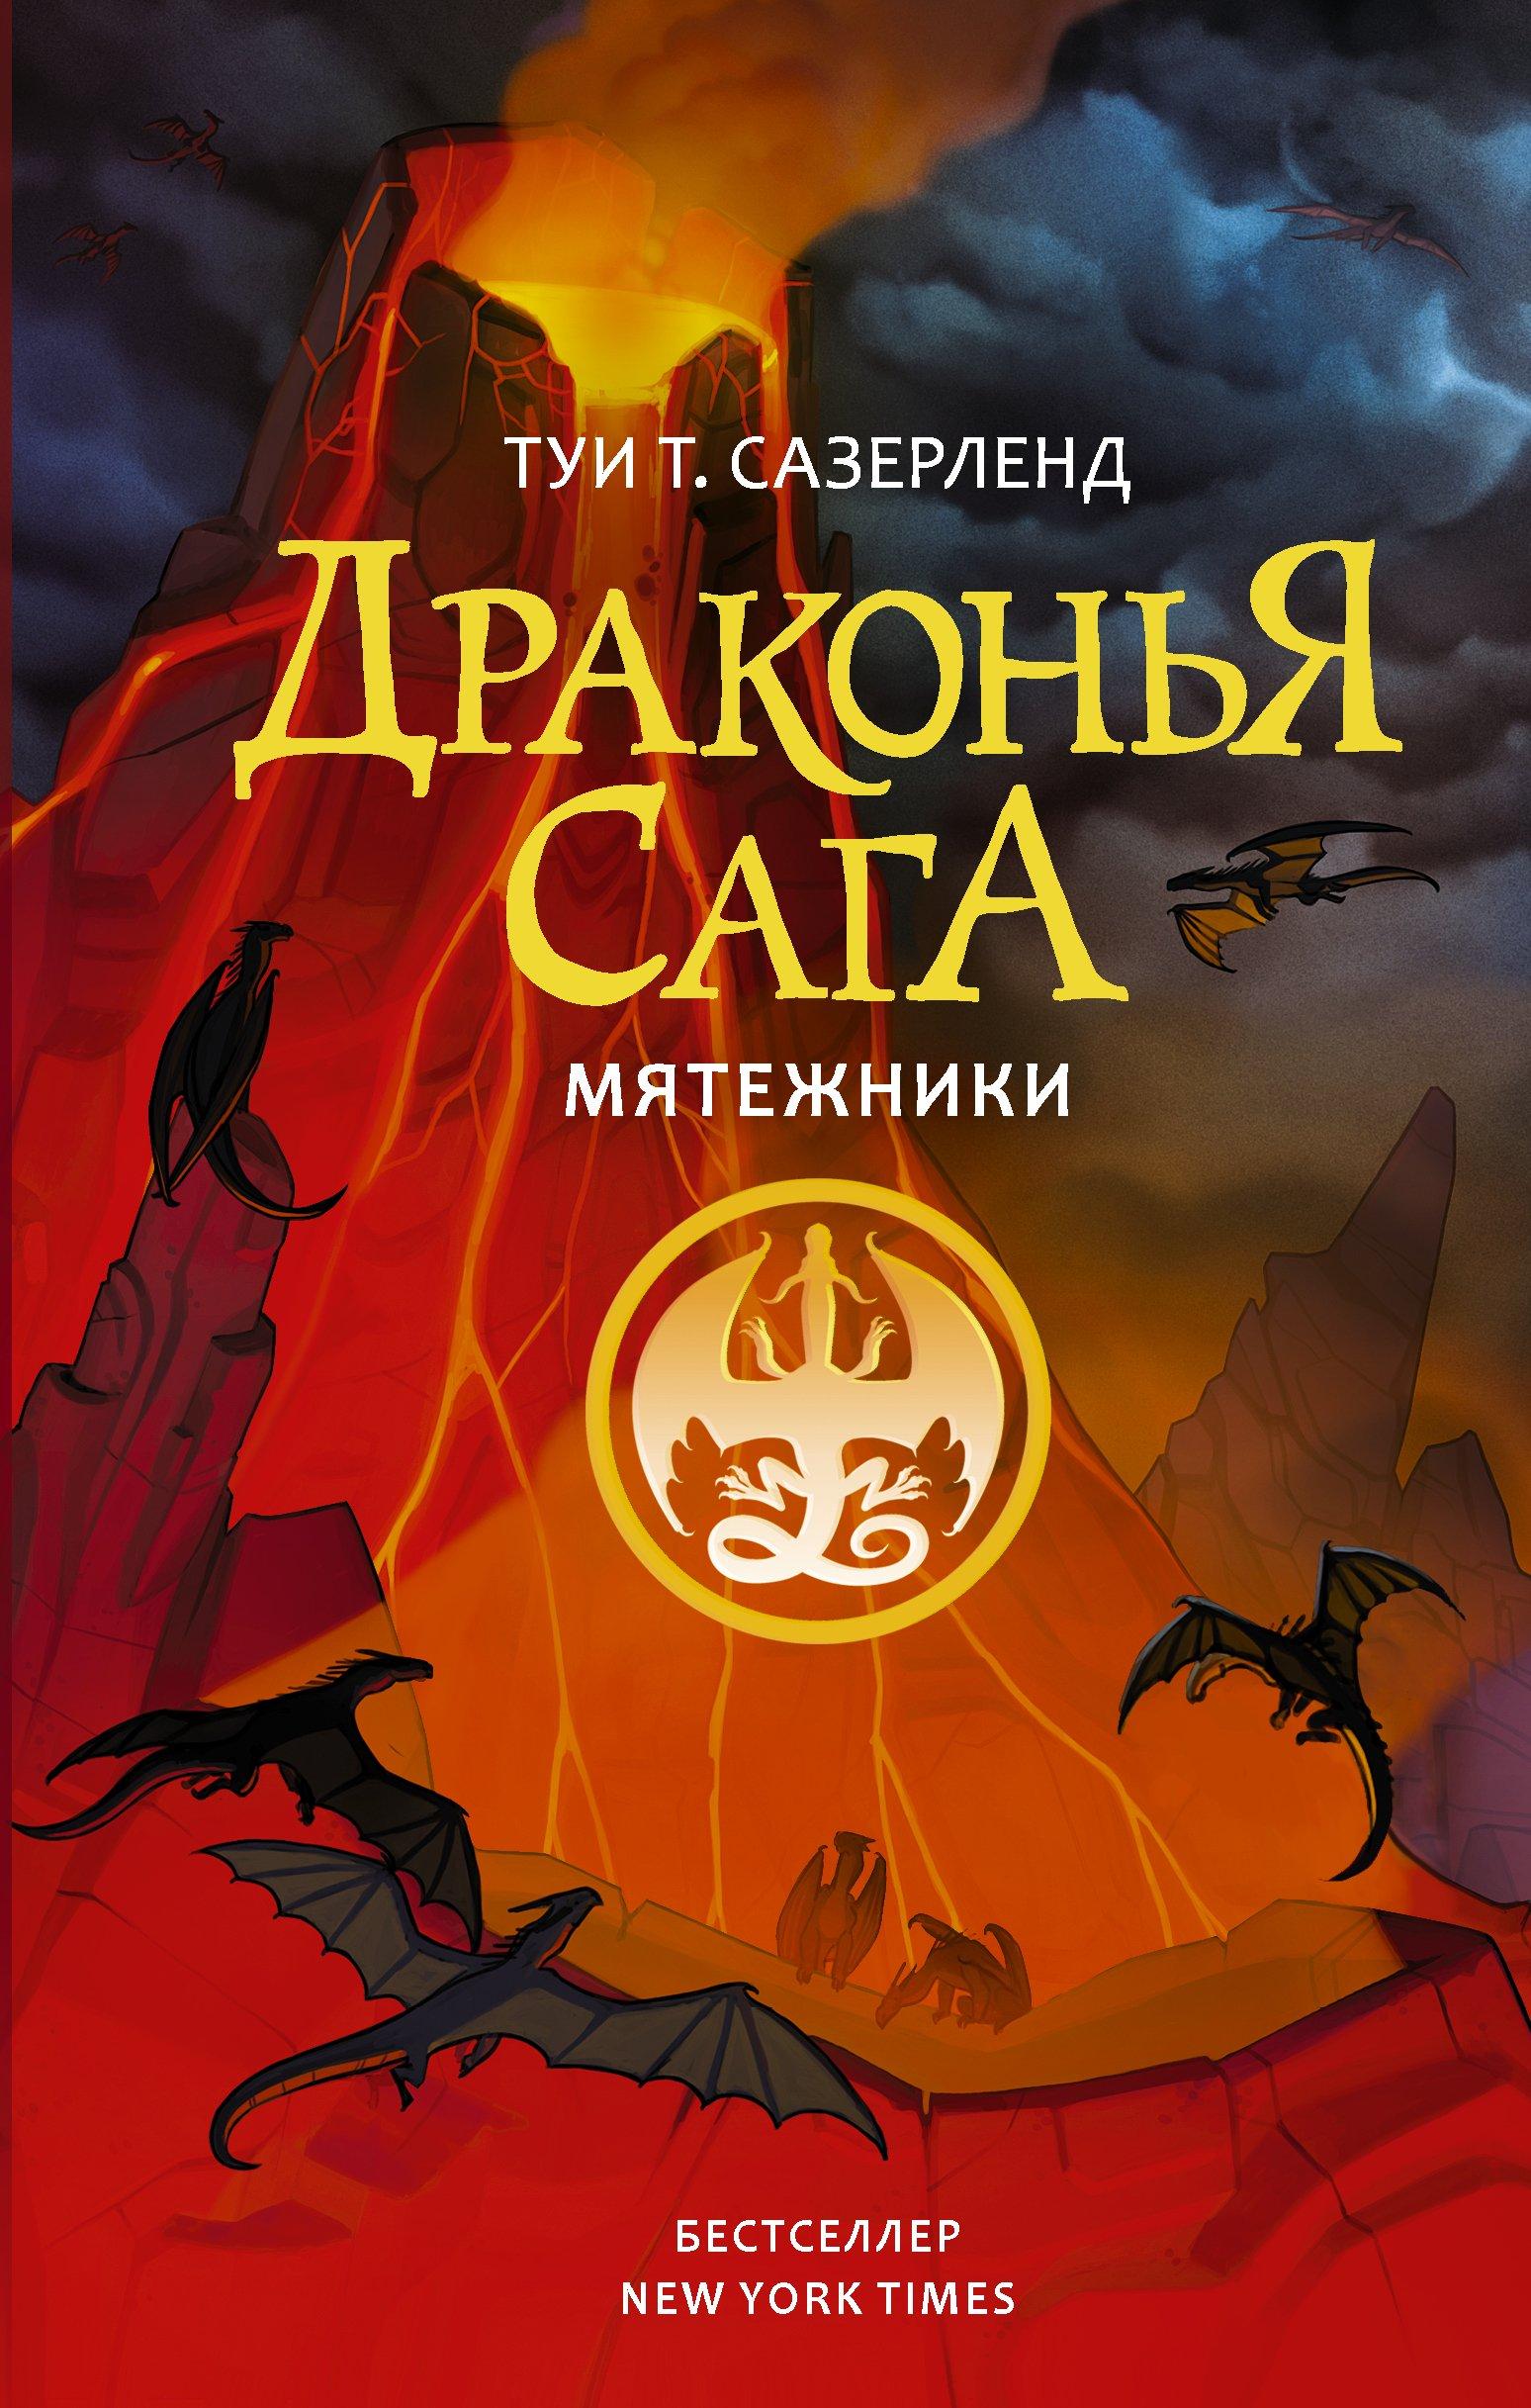 Купить книгу Мятежники, автора Туй Сазерленд